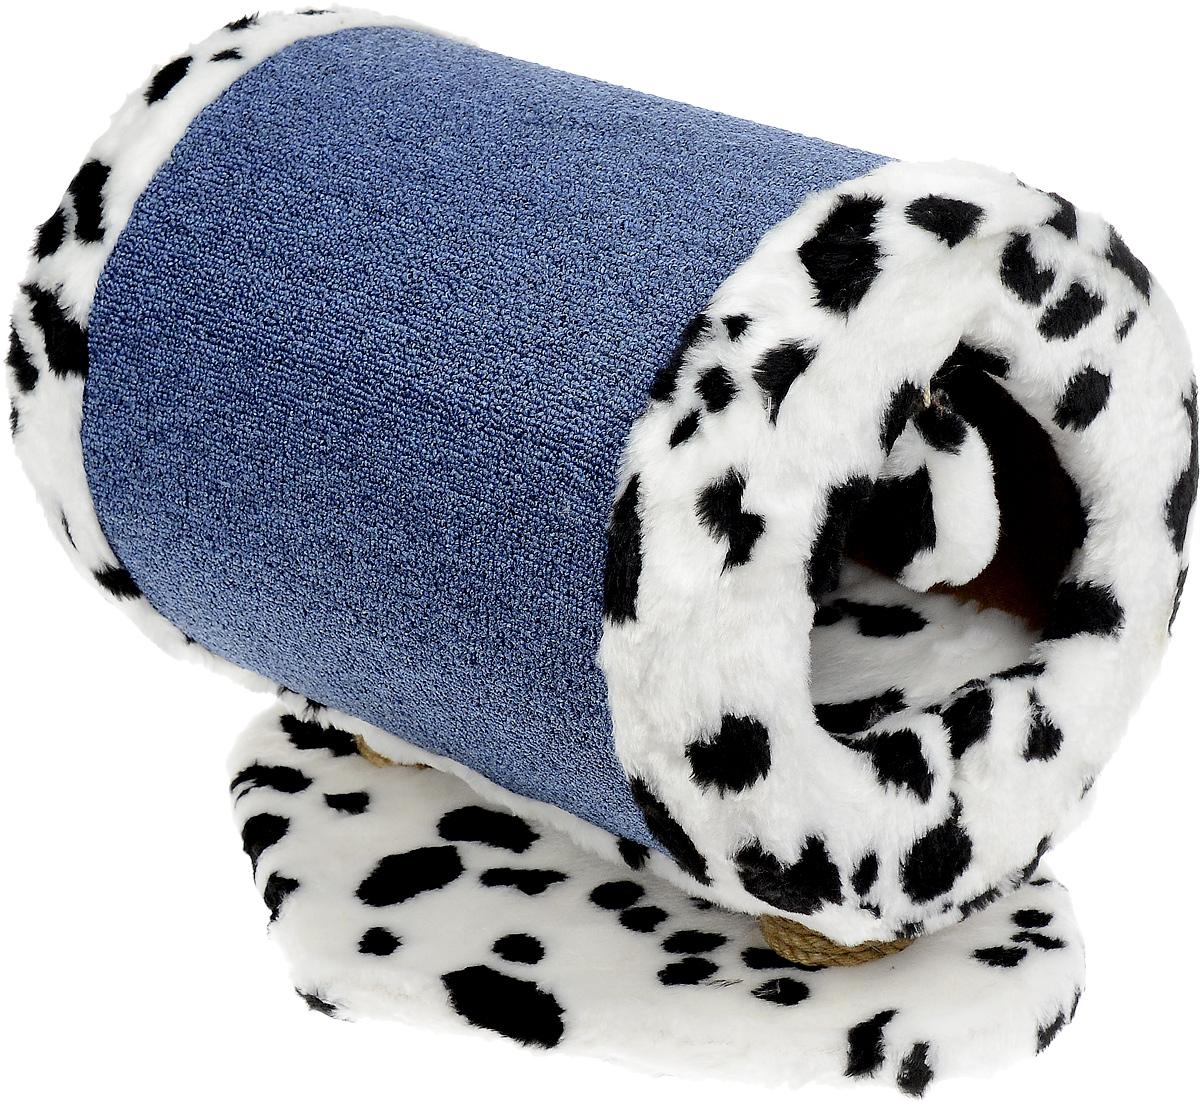 Домик-когтеточка ЗооМарк Пики, 46 х 35 х 36 см119Домик-когтеточка для кошек ЗооМарк Пики выполнен из дерева, искусственного меха и ковролина. Вход в домик выполнен в виде карточной масти. Оригинальная когтеточка в виде домика - отличное место, чтобы спрятаться. Также там можно хранить свои охотничьи трофеи. Домик оснащен подвесной игрушкой.